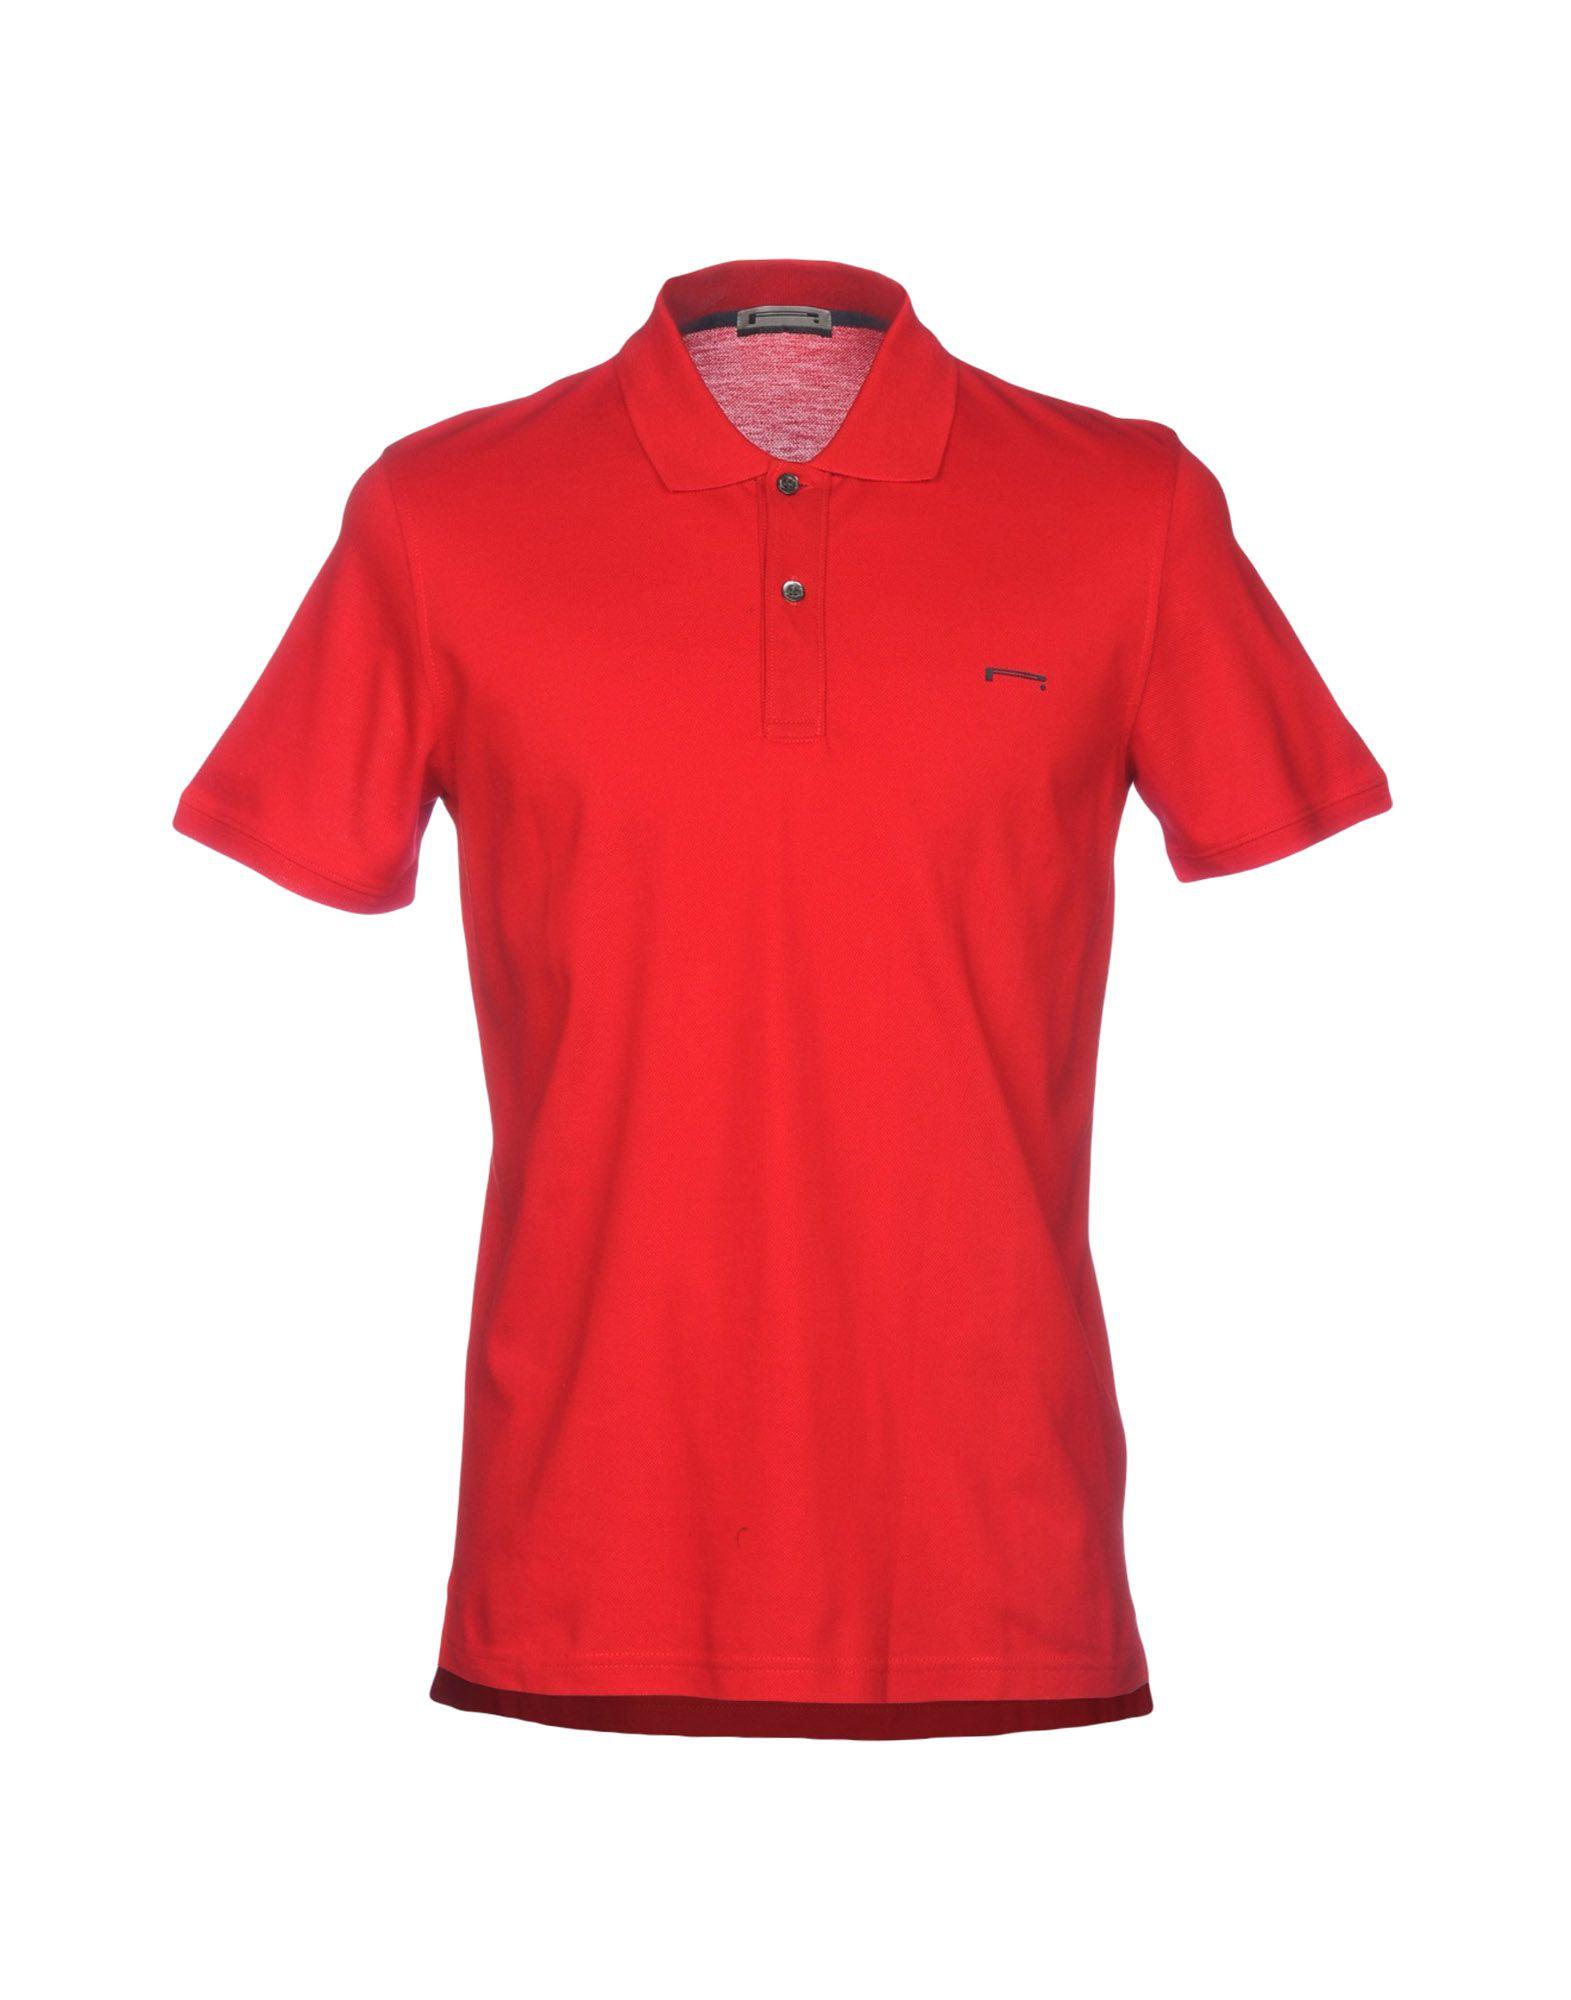 《送料無料》PIRELLI PZERO メンズ ポロシャツ レッド S コットン 100%